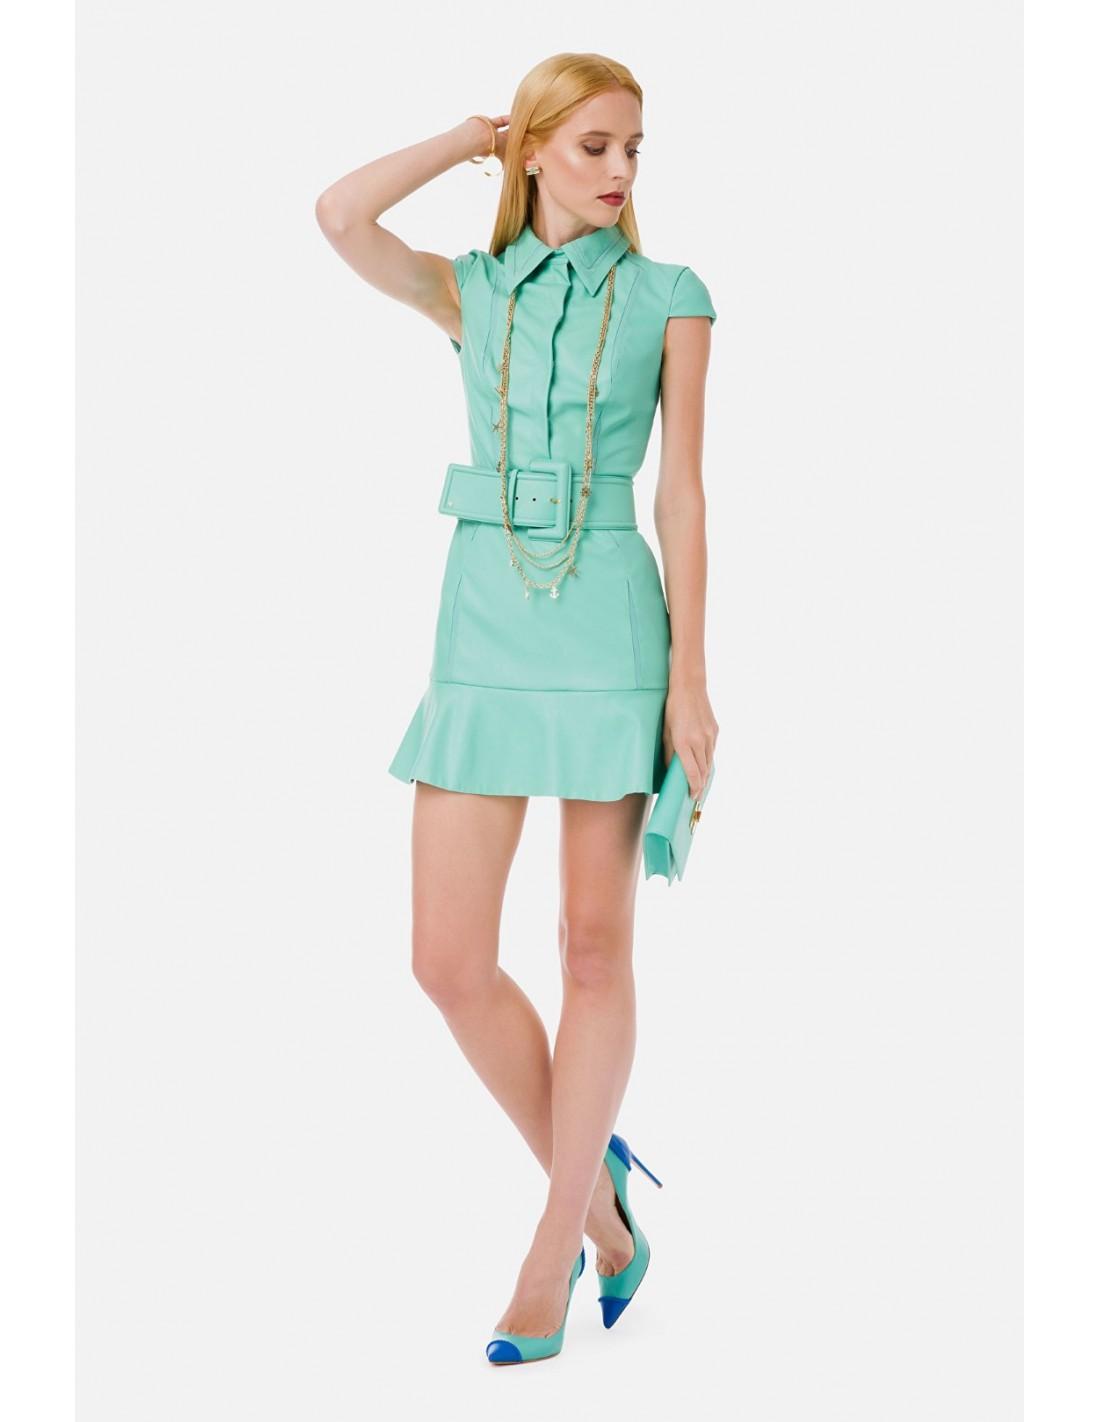 Elisabetta Franchi Kleid mit kurzen Ärmeln - altamoda.shop